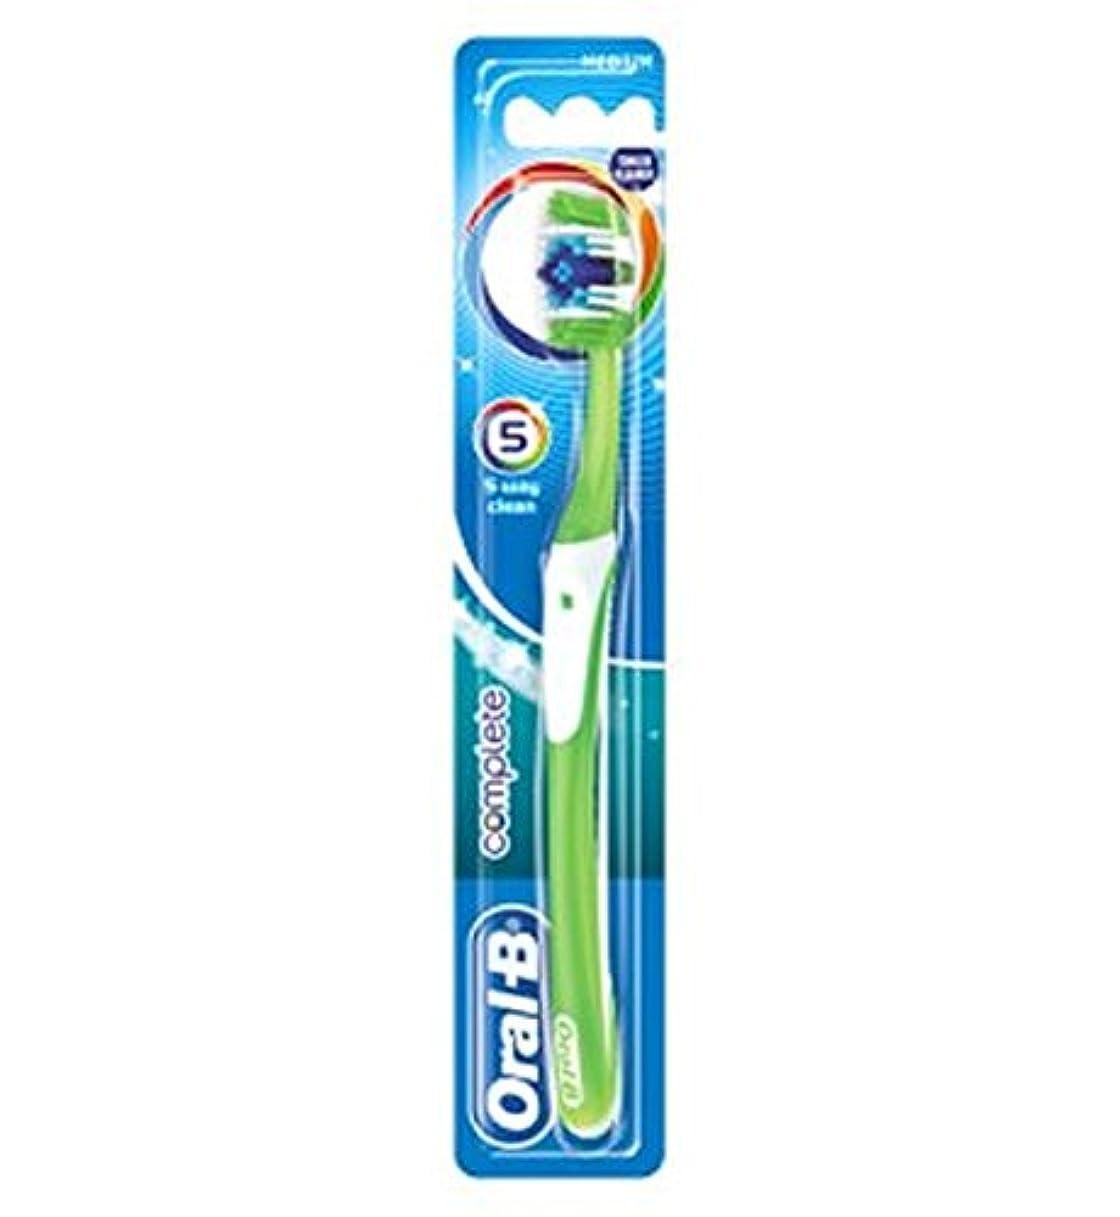 頬骨彼女自身サイトOral-B Complete 5 Way Clean Medium Manual Toothbrush - オーラルBの完全な5道クリーンなメディアの手動歯ブラシ (Oral B) [並行輸入品]